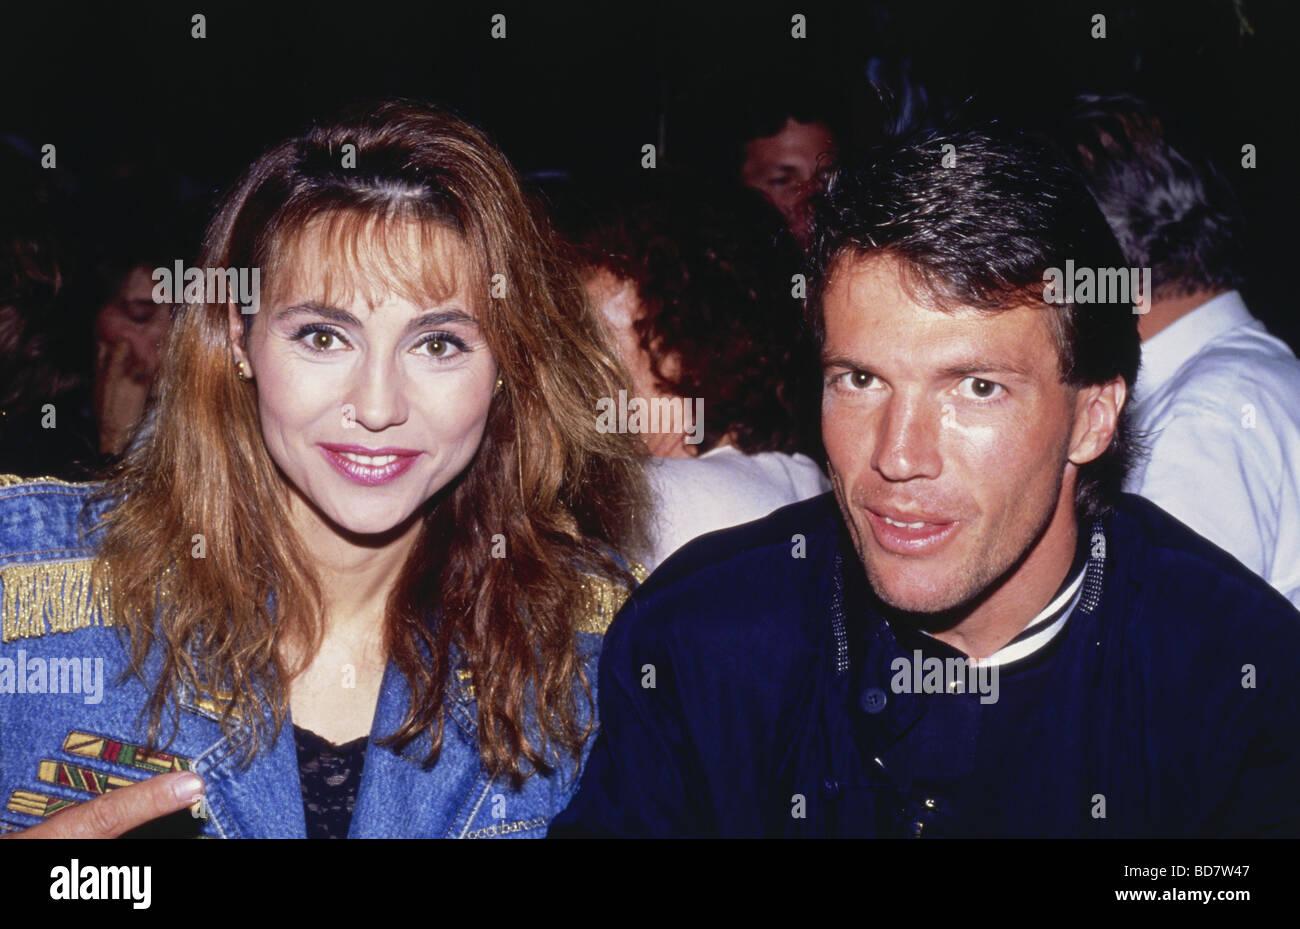 Matthäus, Lothar * 21.3.1961, atleta tedesco (calcio/calcetto) e mezza lunghezza con la sua seconda moglie Immagini Stock